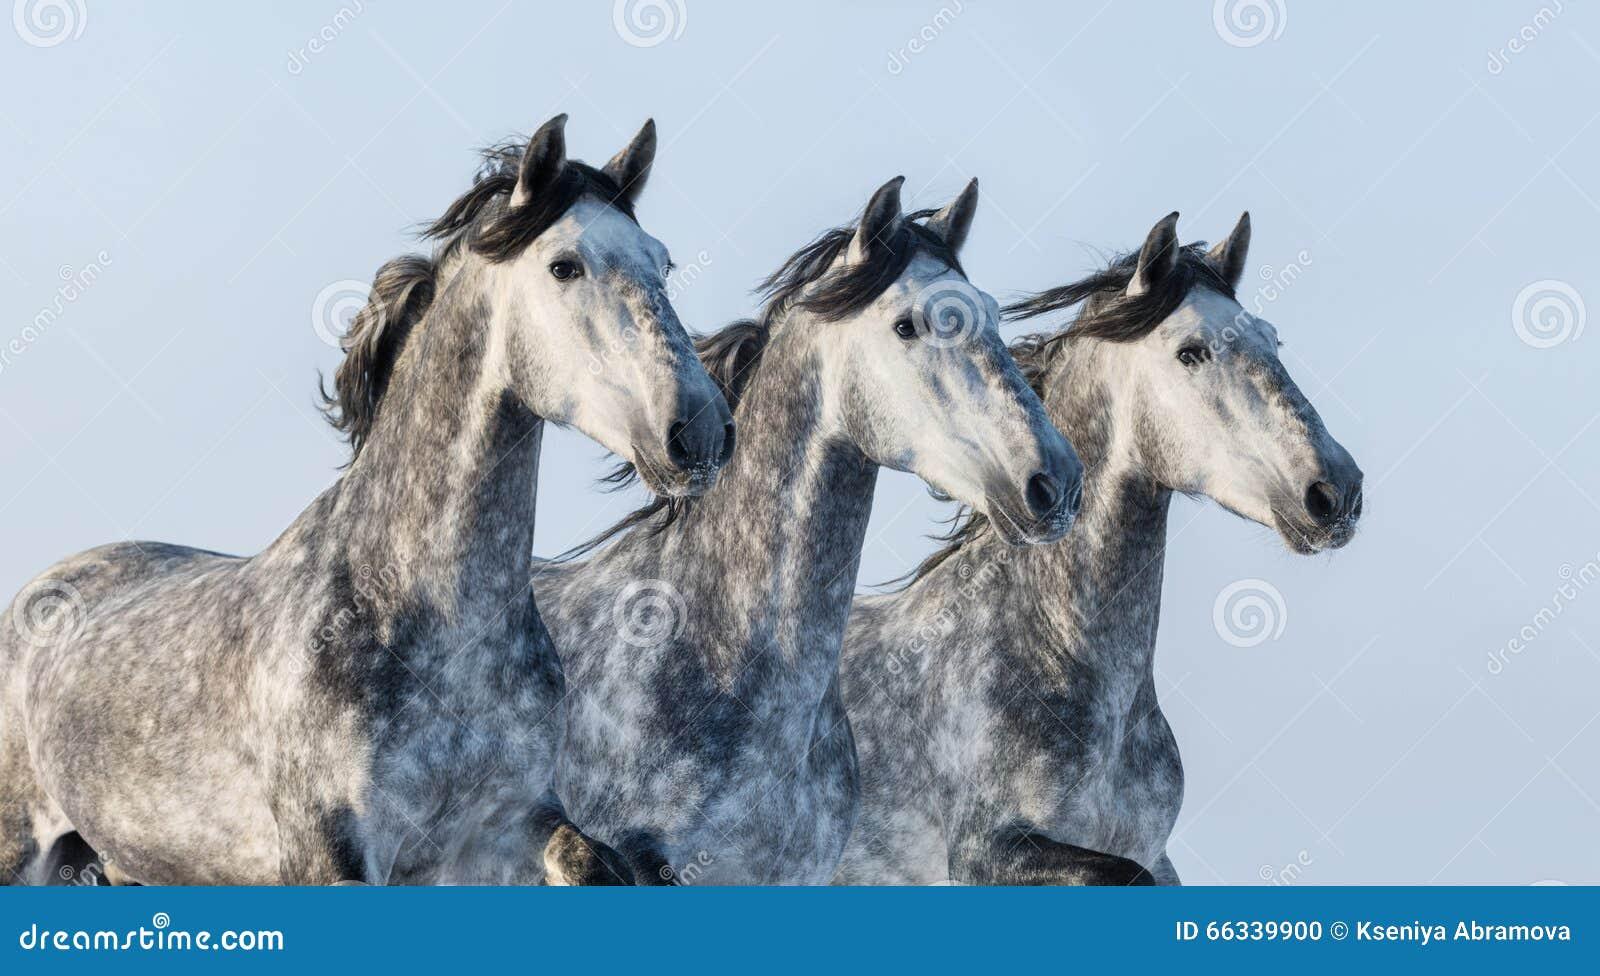 Trzy popielatego konia - portret w ruchu